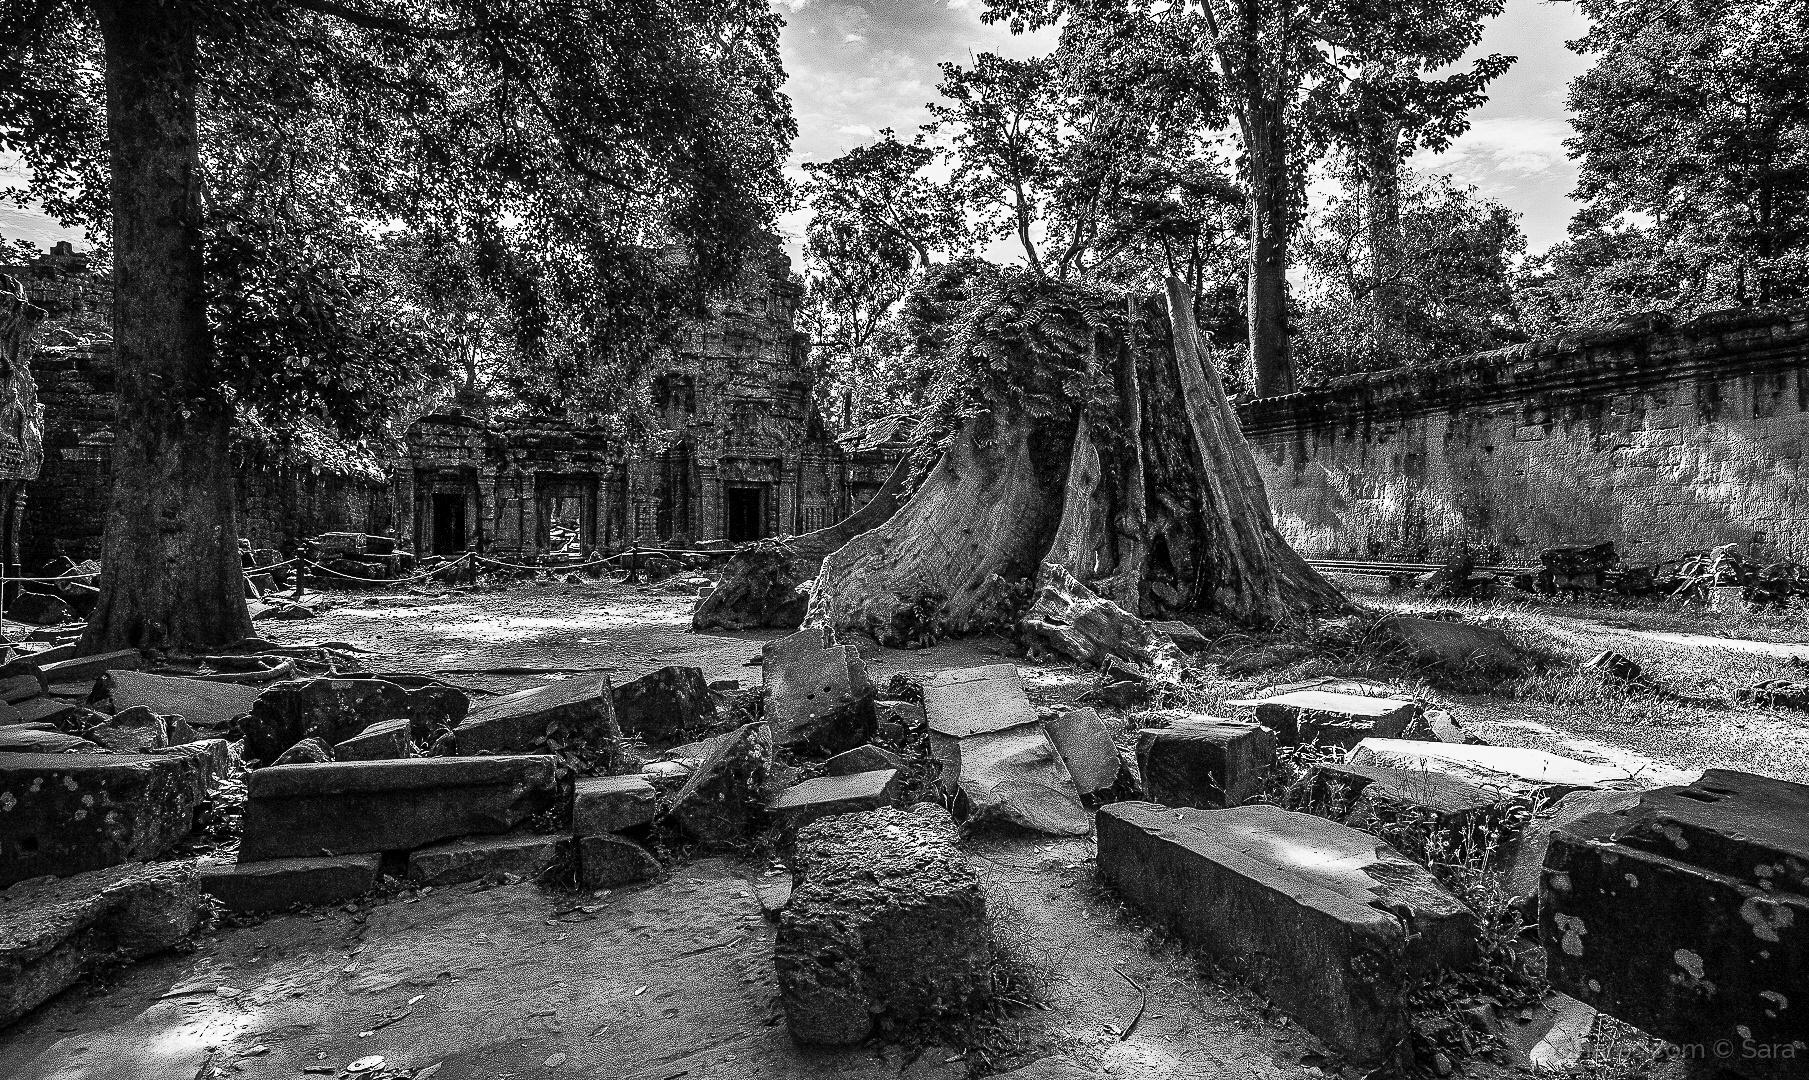 História/A natureza tomou de volta o que lhe pertencia...